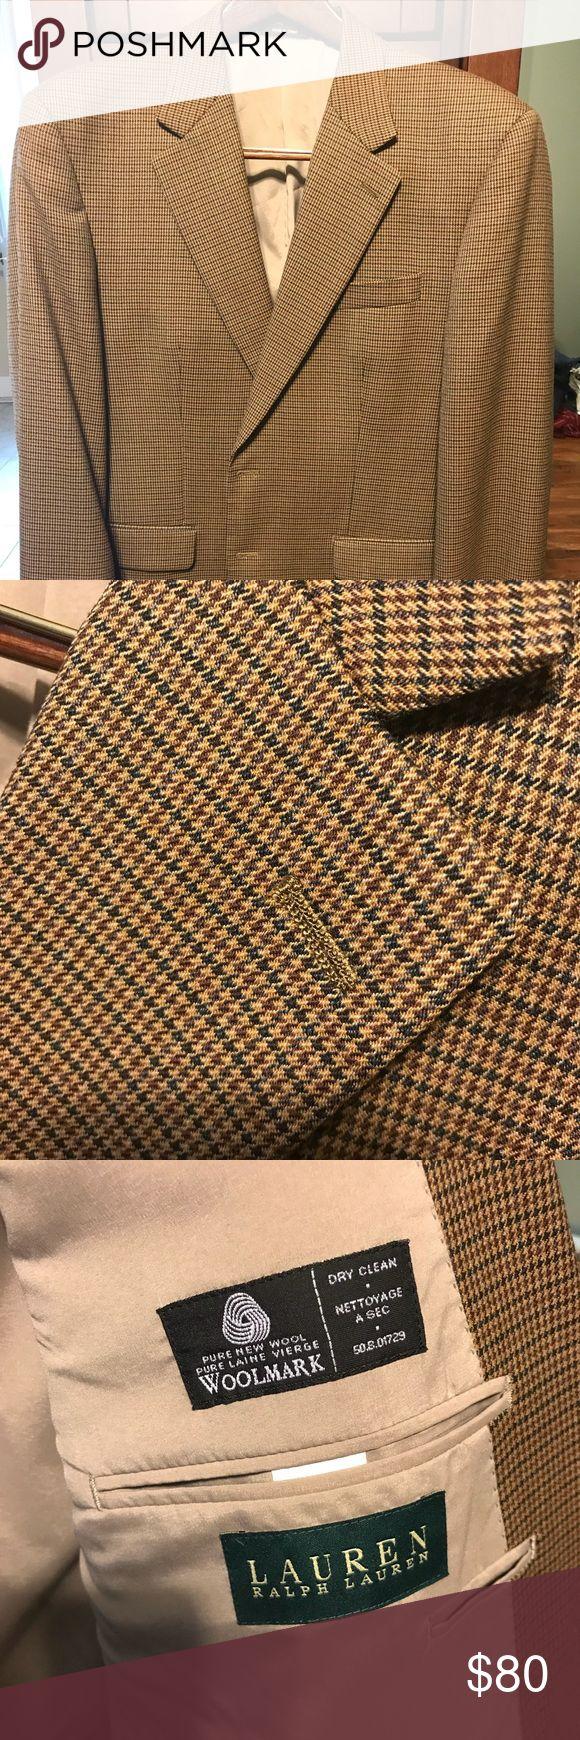 Ralph Lauren wool sport coat - like New! 100% wool sport coat - Ralph Lauren. 42 regular. Like new! Lauren Ralph Lauren Suits & Blazers Sport Coats & Blazers